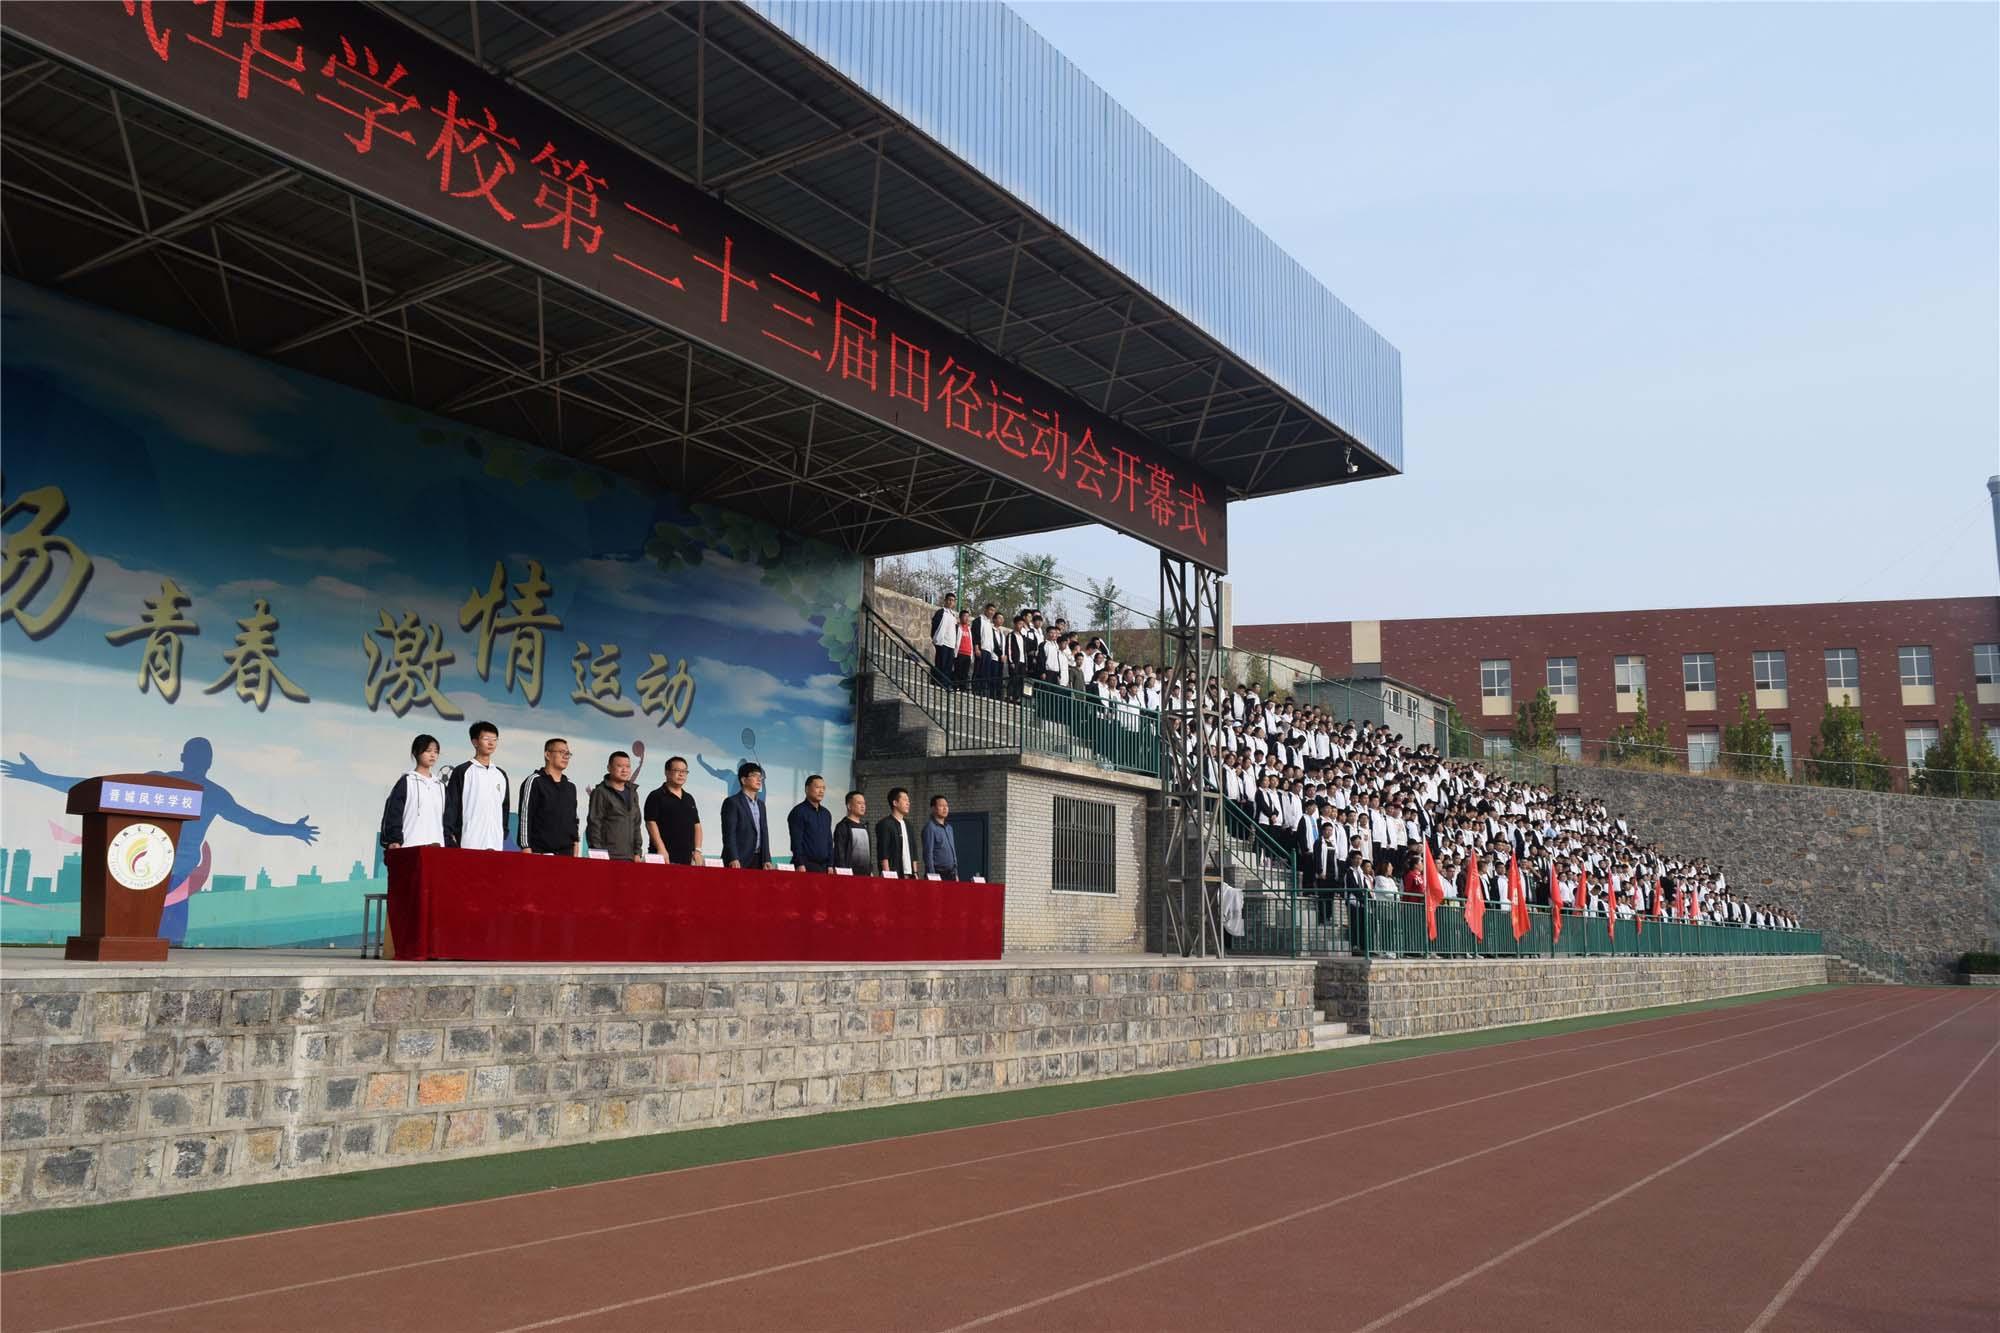 我校成功举办第二十三届校tian径yun动会